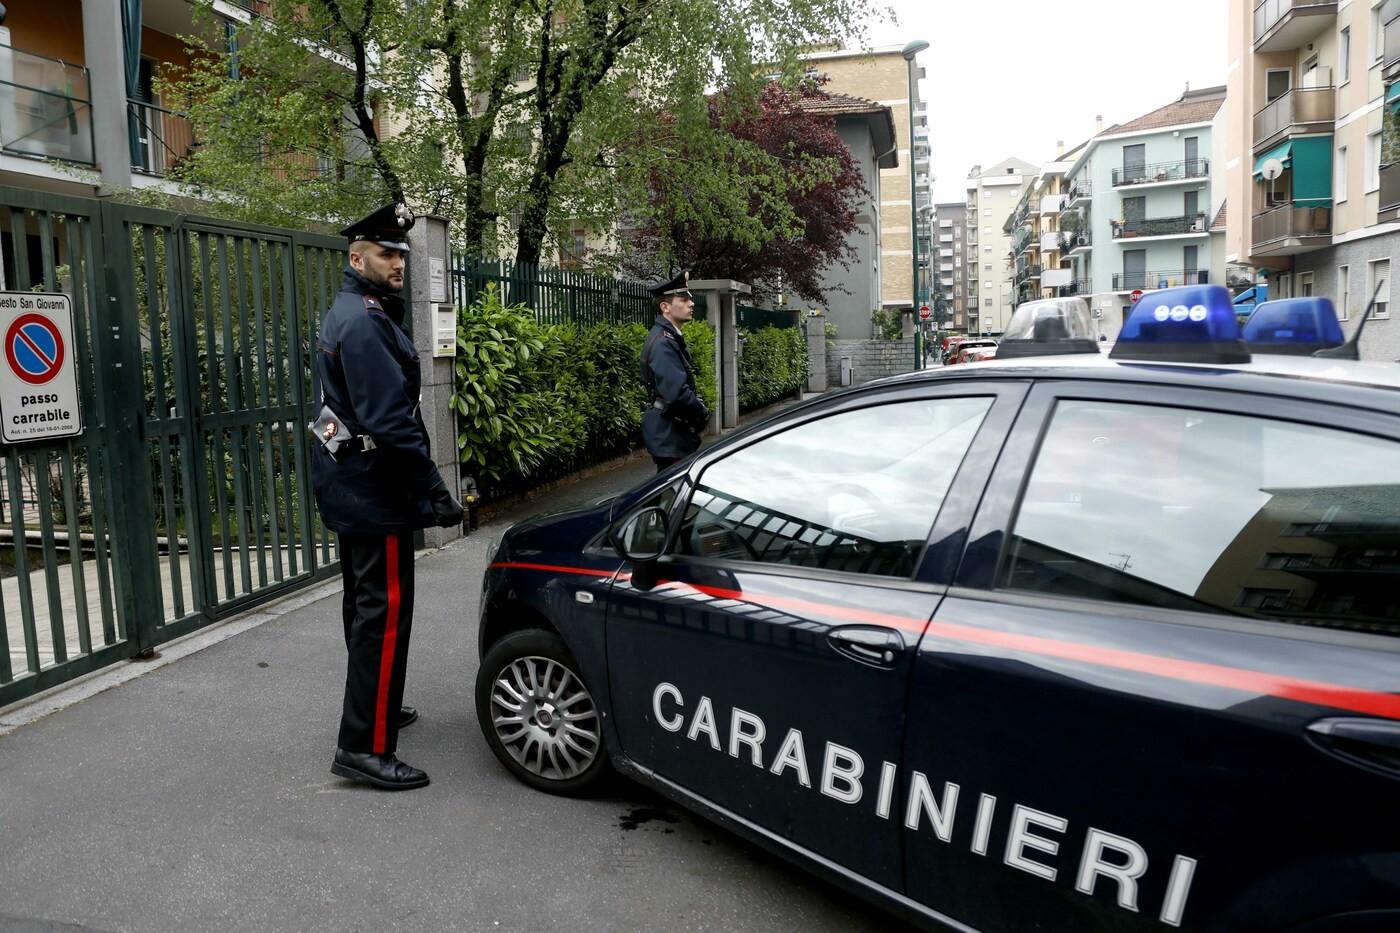 Padova, narcotizza il figlioletto. Voleva ucciderlo e suicidarsi